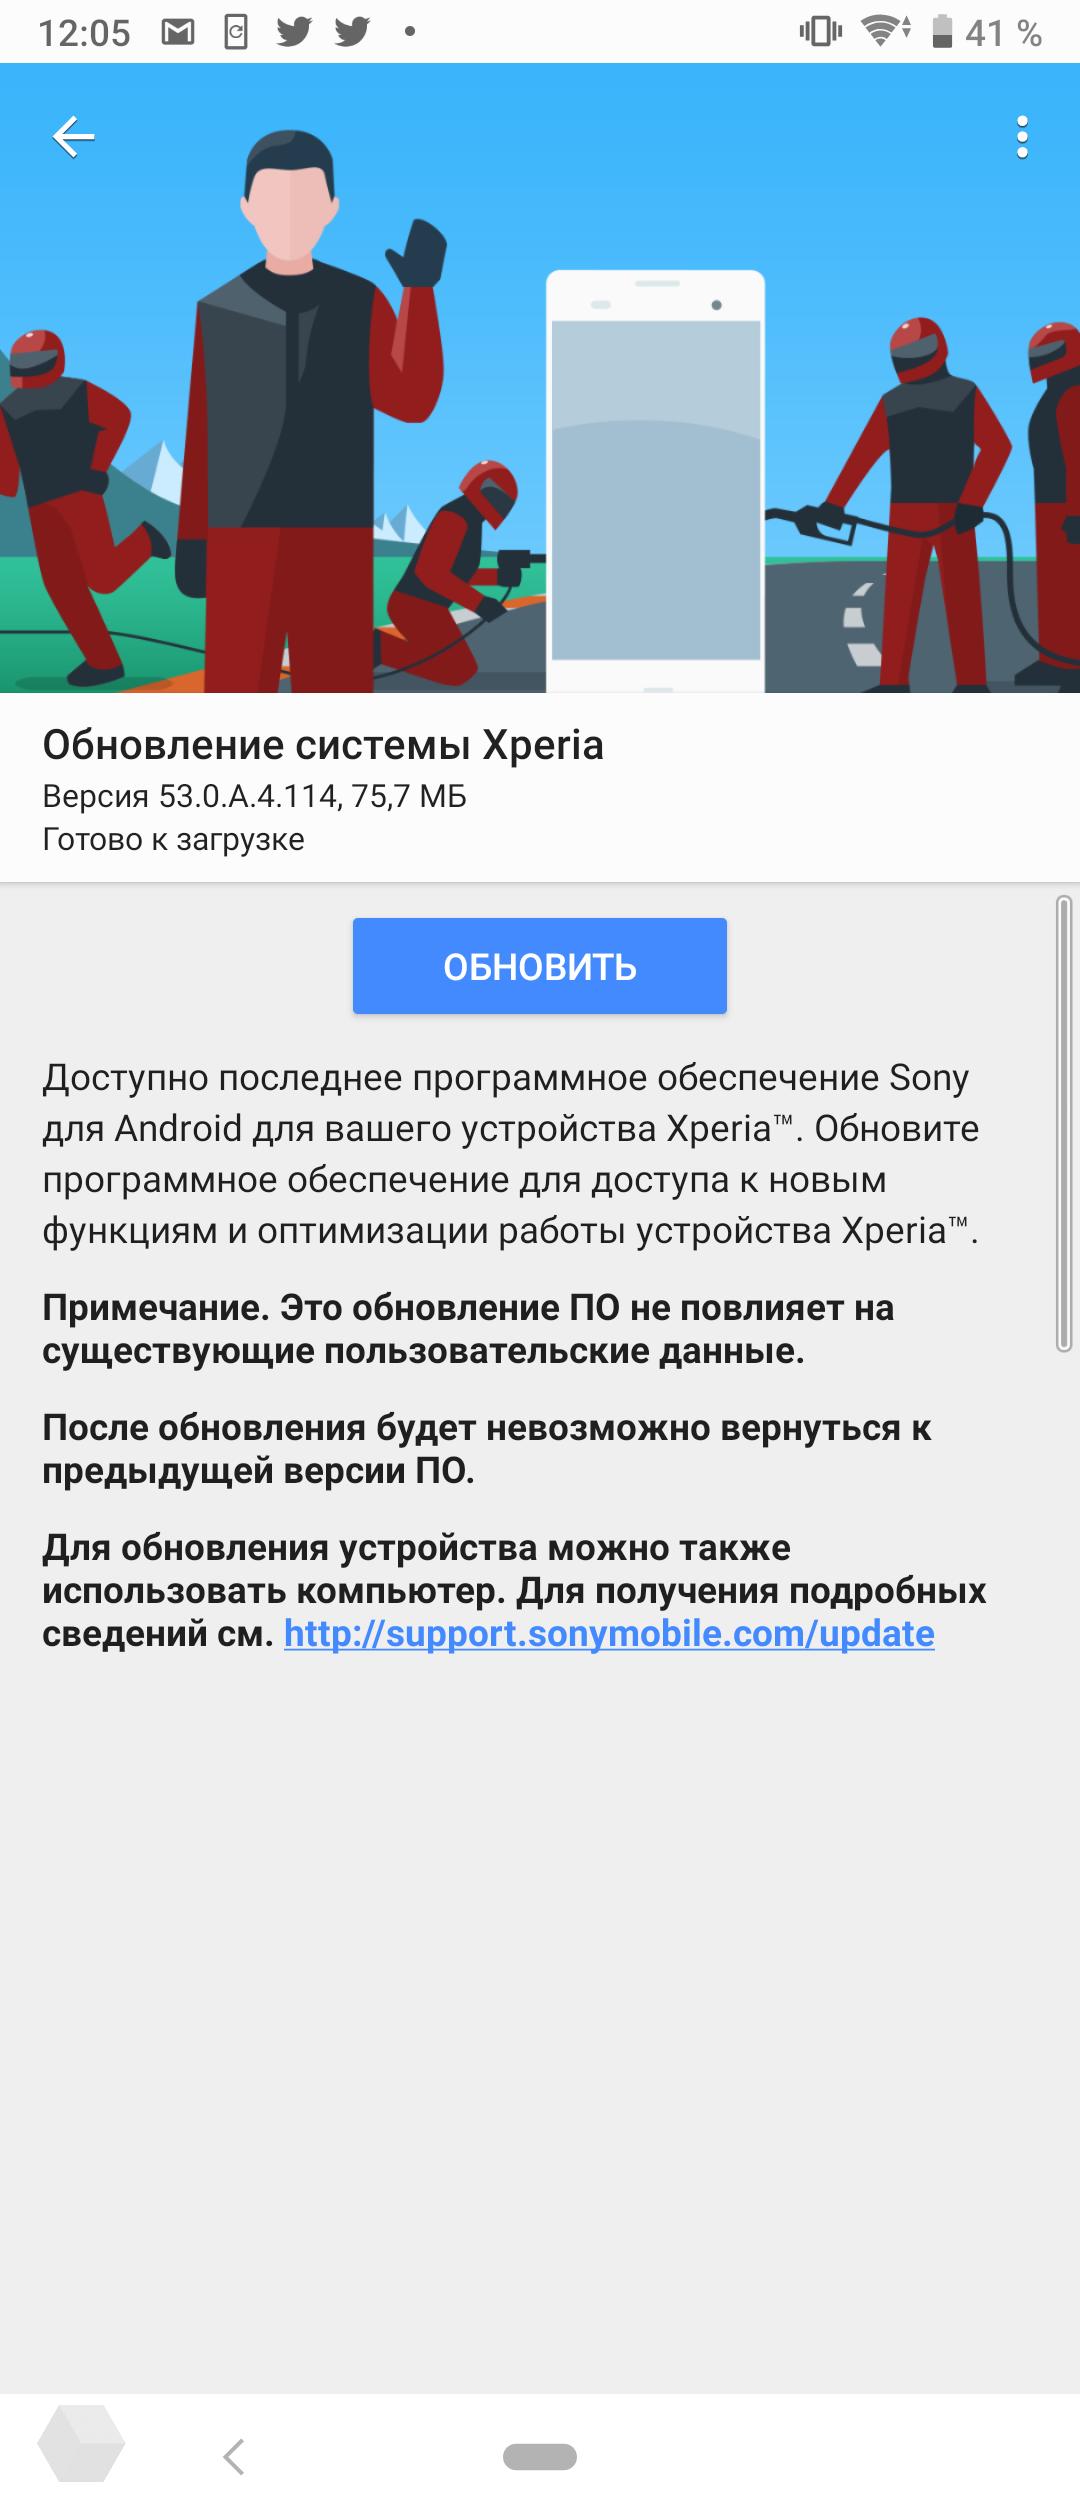 Обзор Sony Xperia 10 и 10 Plus. Идея нравится, но реализация хромает38